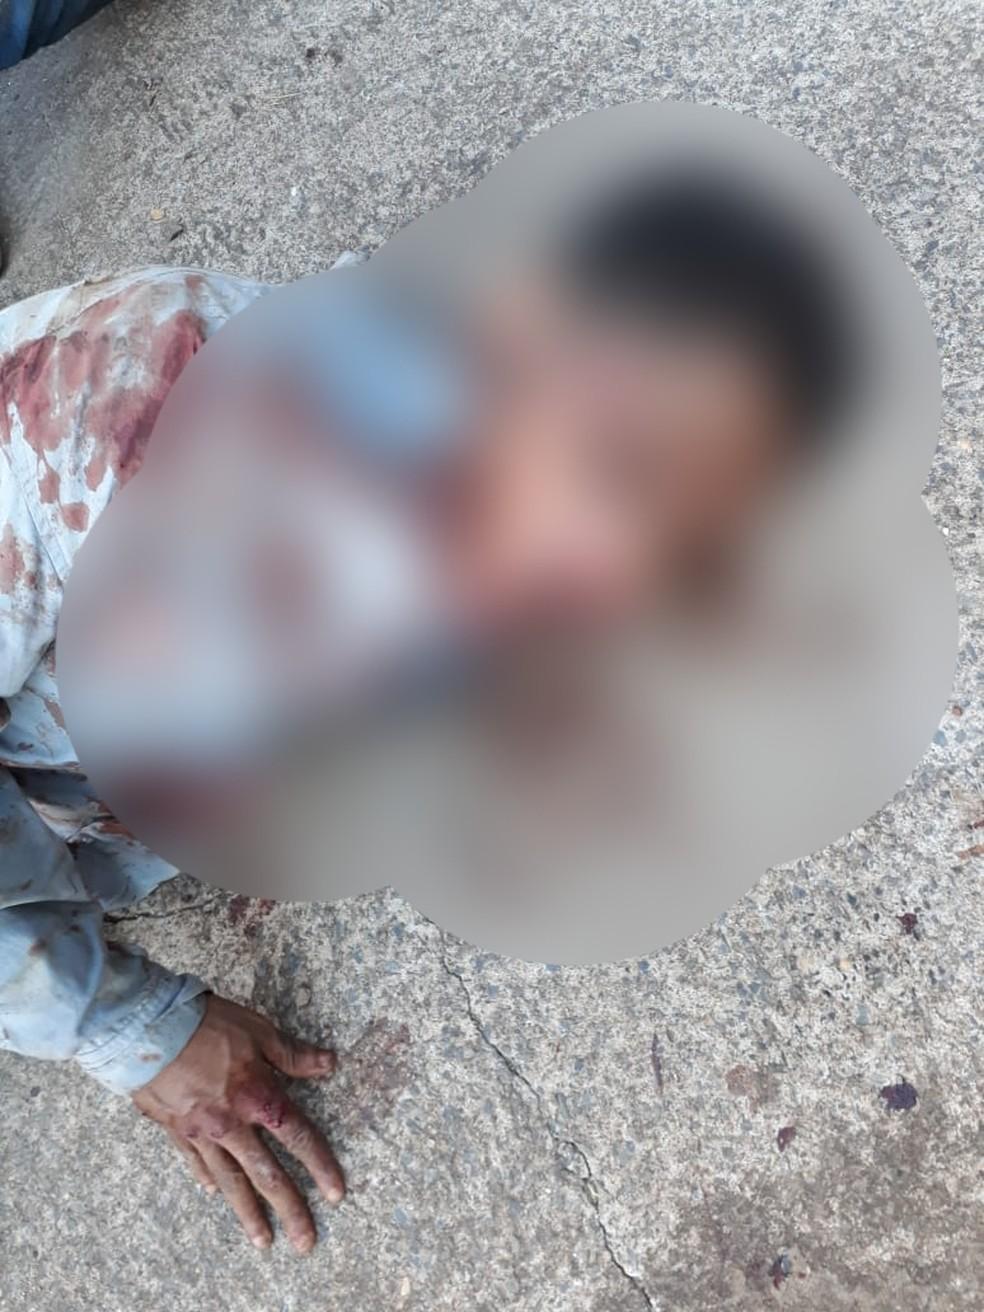 Segundo suspeito também fica ferido em acidente após assalto — Foto: Polícia Miltiar- MT